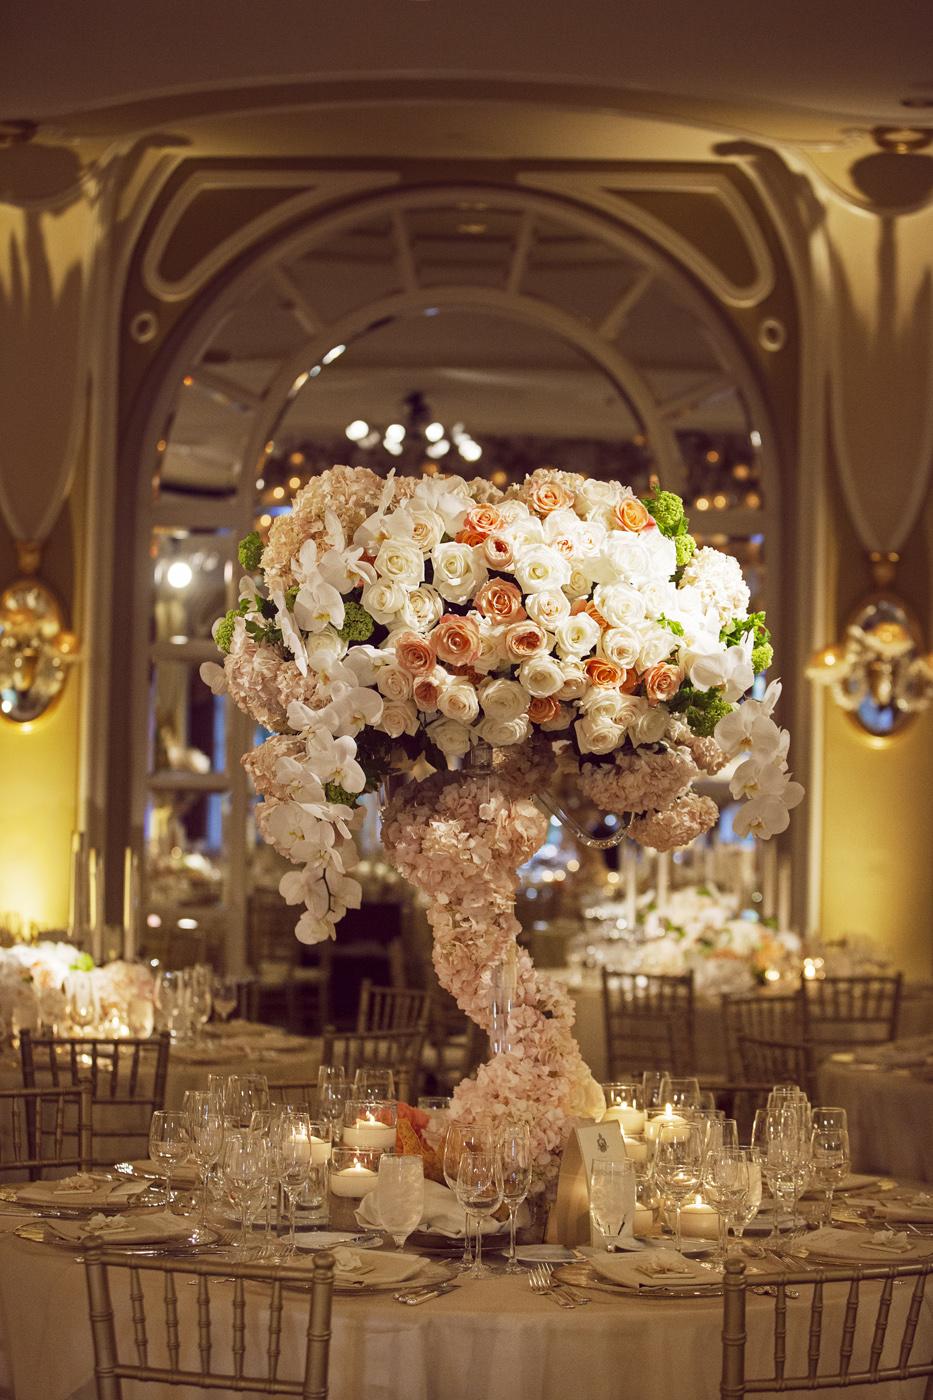 041_DukePhotography_DukeImages_Wedding_Details.jpg